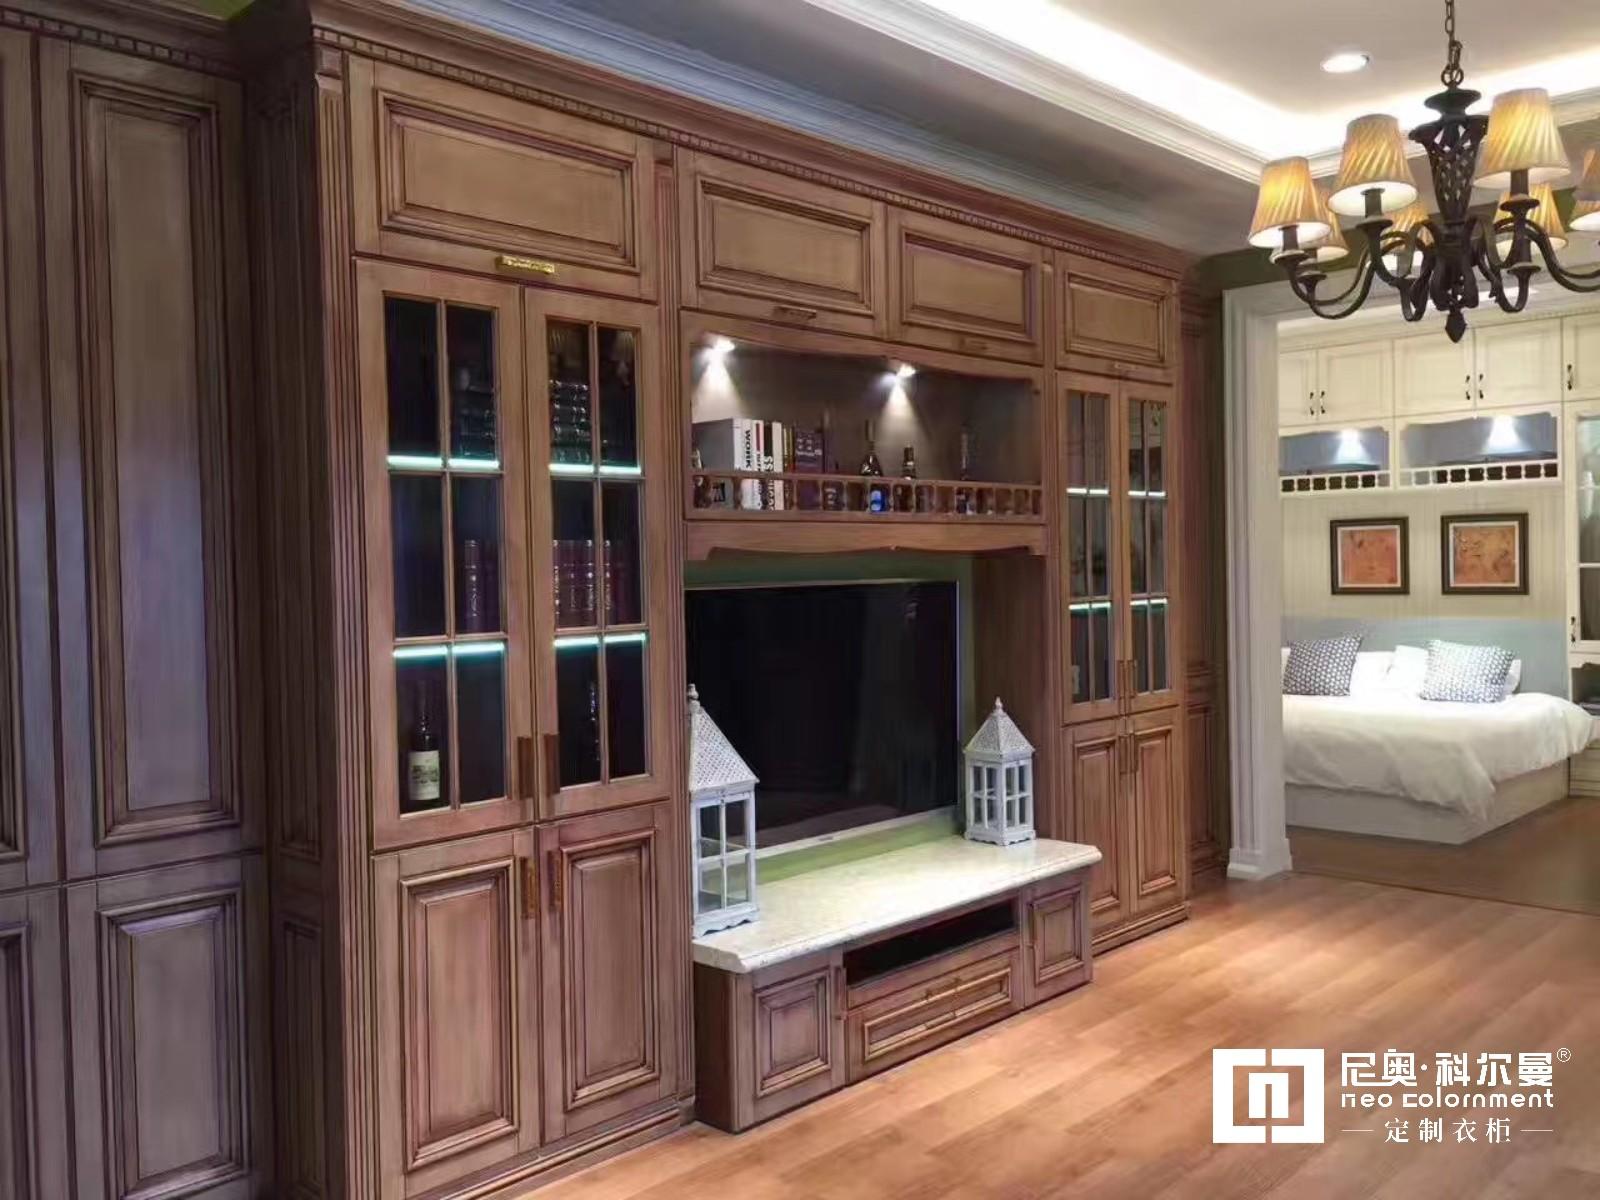 尼奧·科爾曼  高端實木定制電視柜